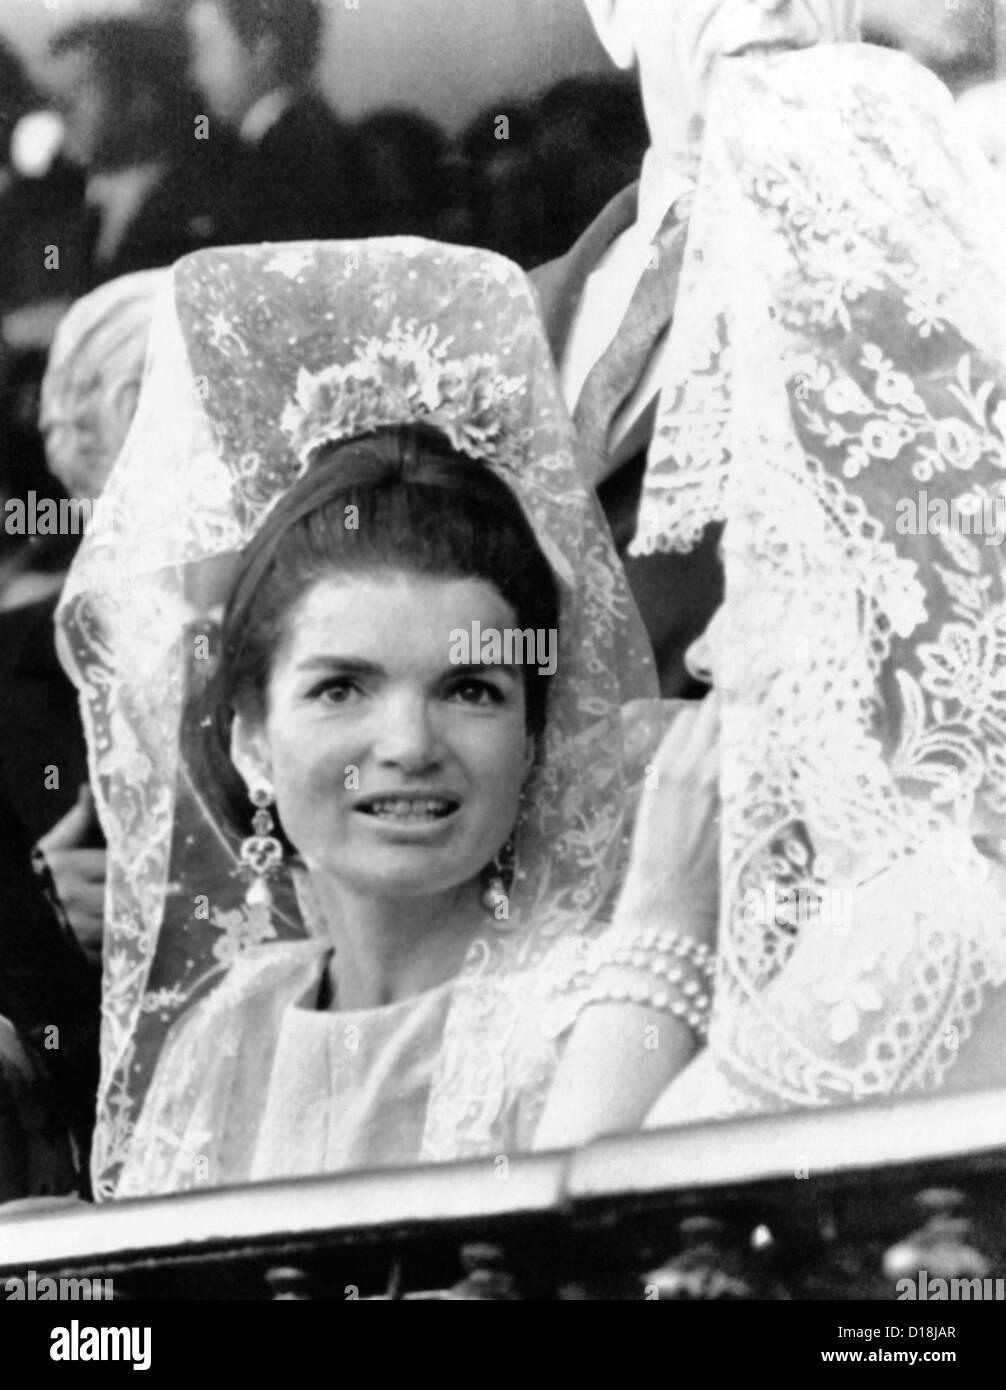 Jacqueline Kennedy indossa un merletto tradizionale mantilla alle corride a Siviglia in Spagna. Aprile 21, 1966 Immagini Stock